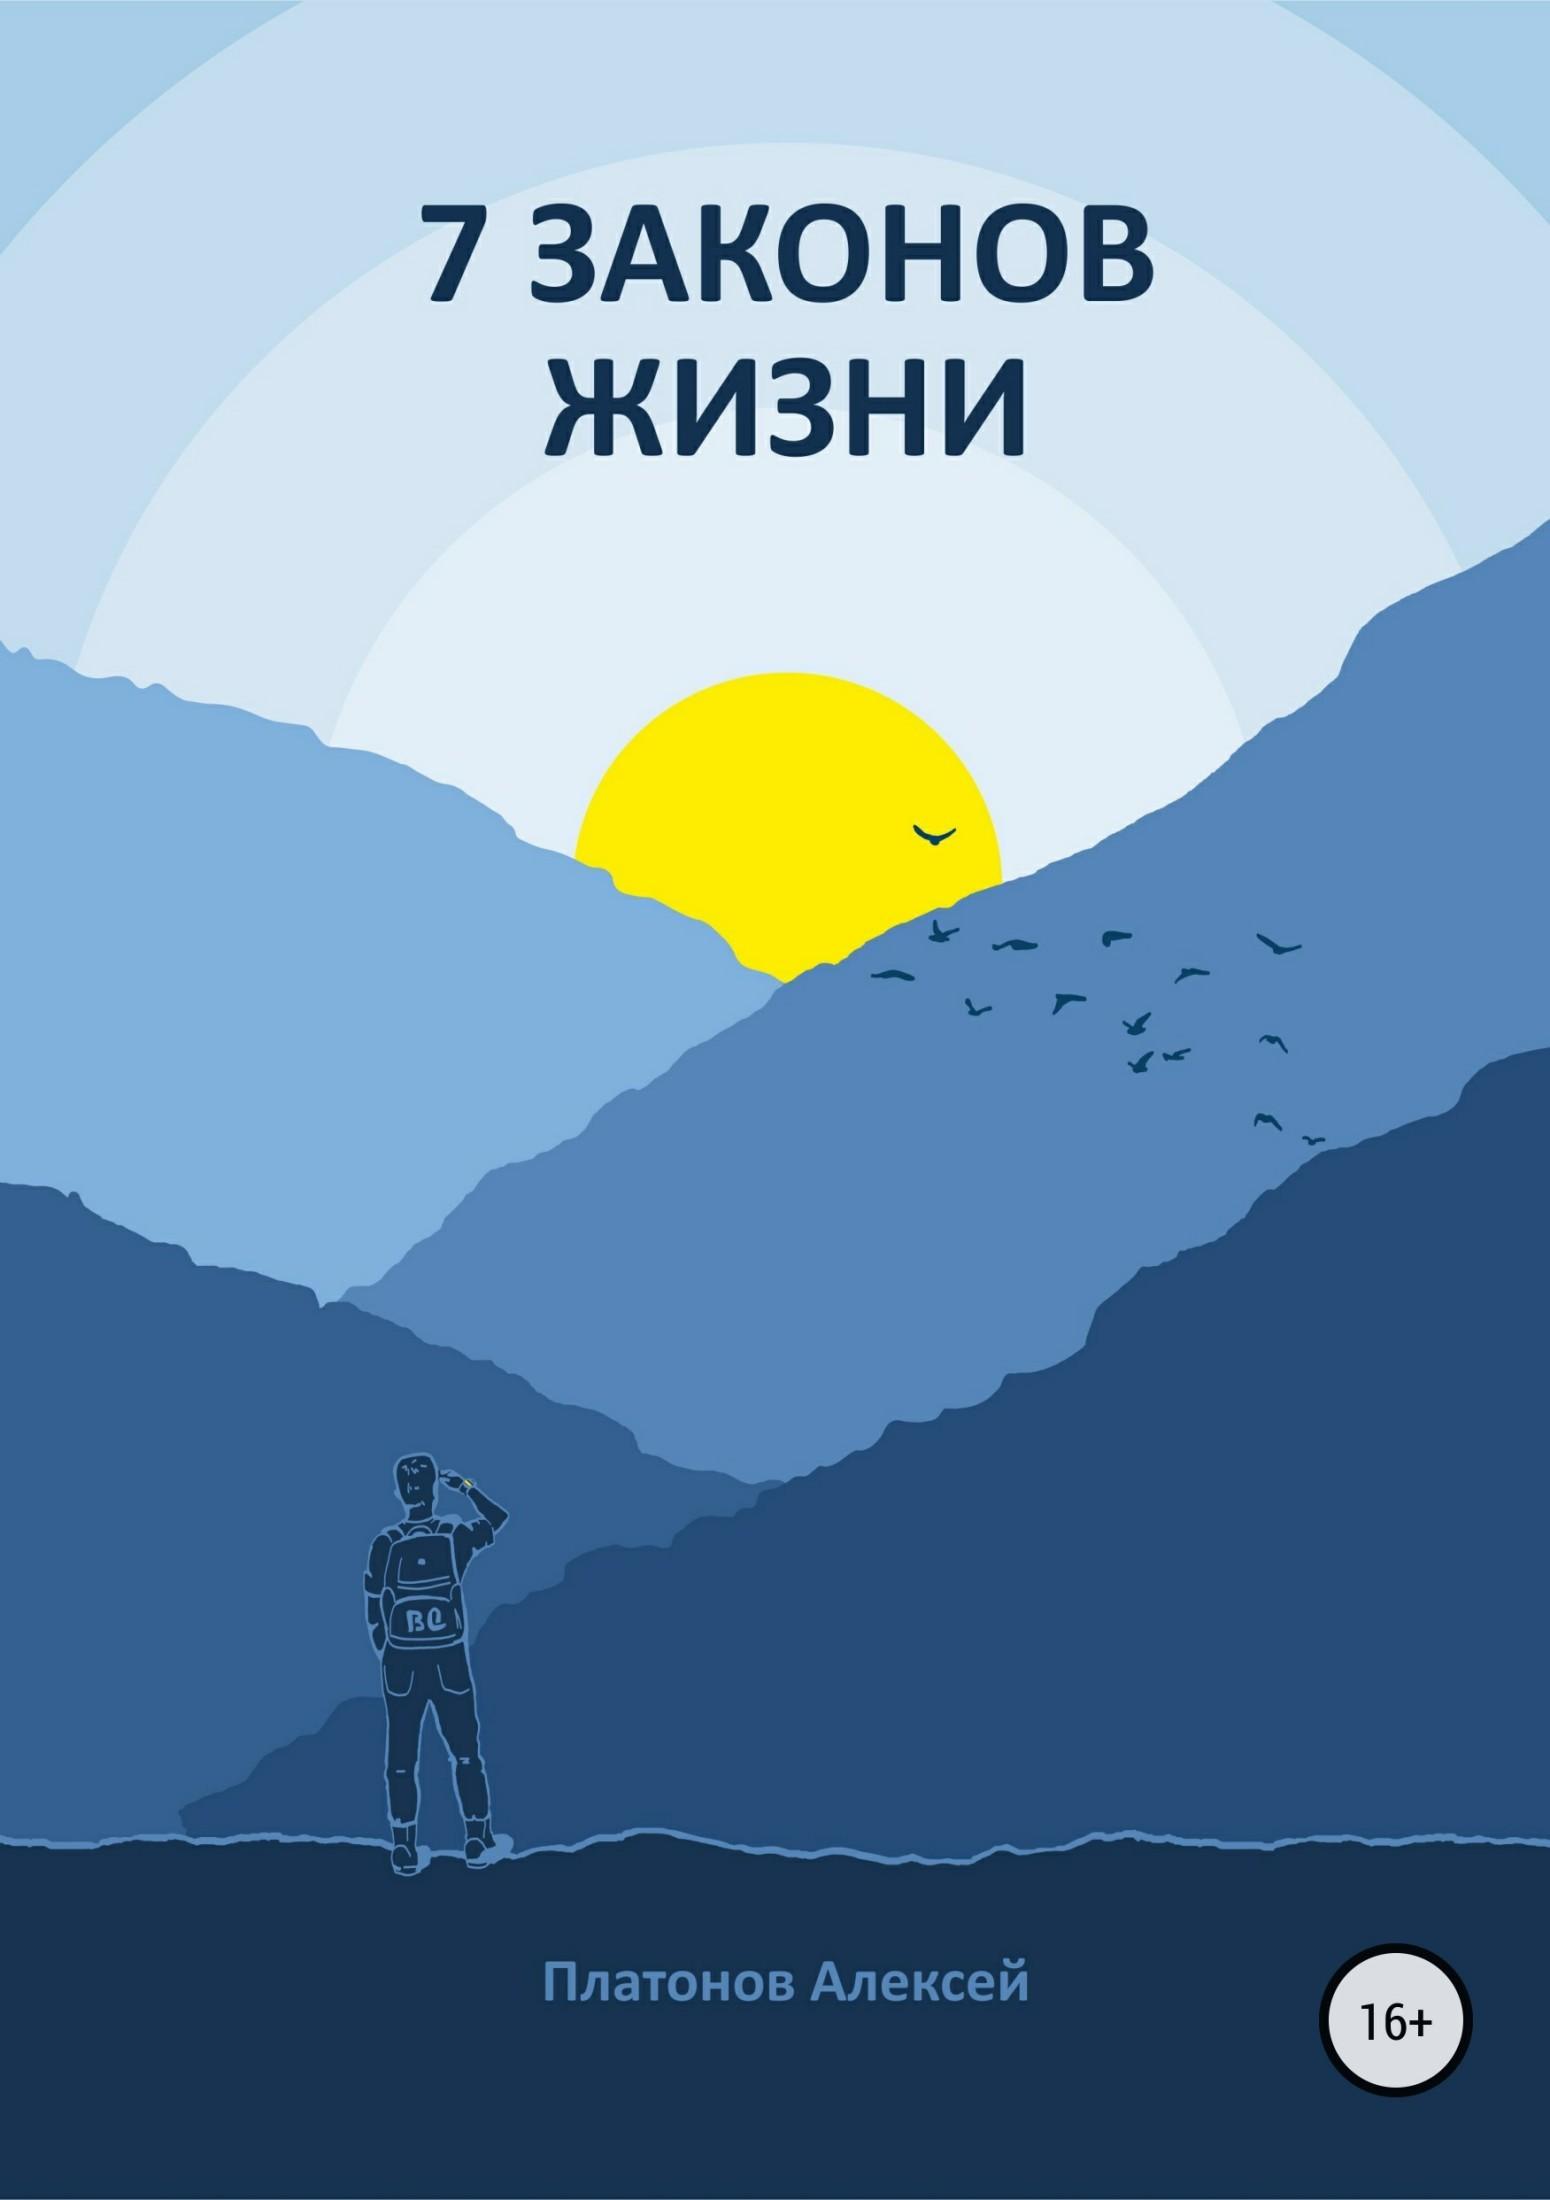 Обложка книги. Автор - Алексей Платонов